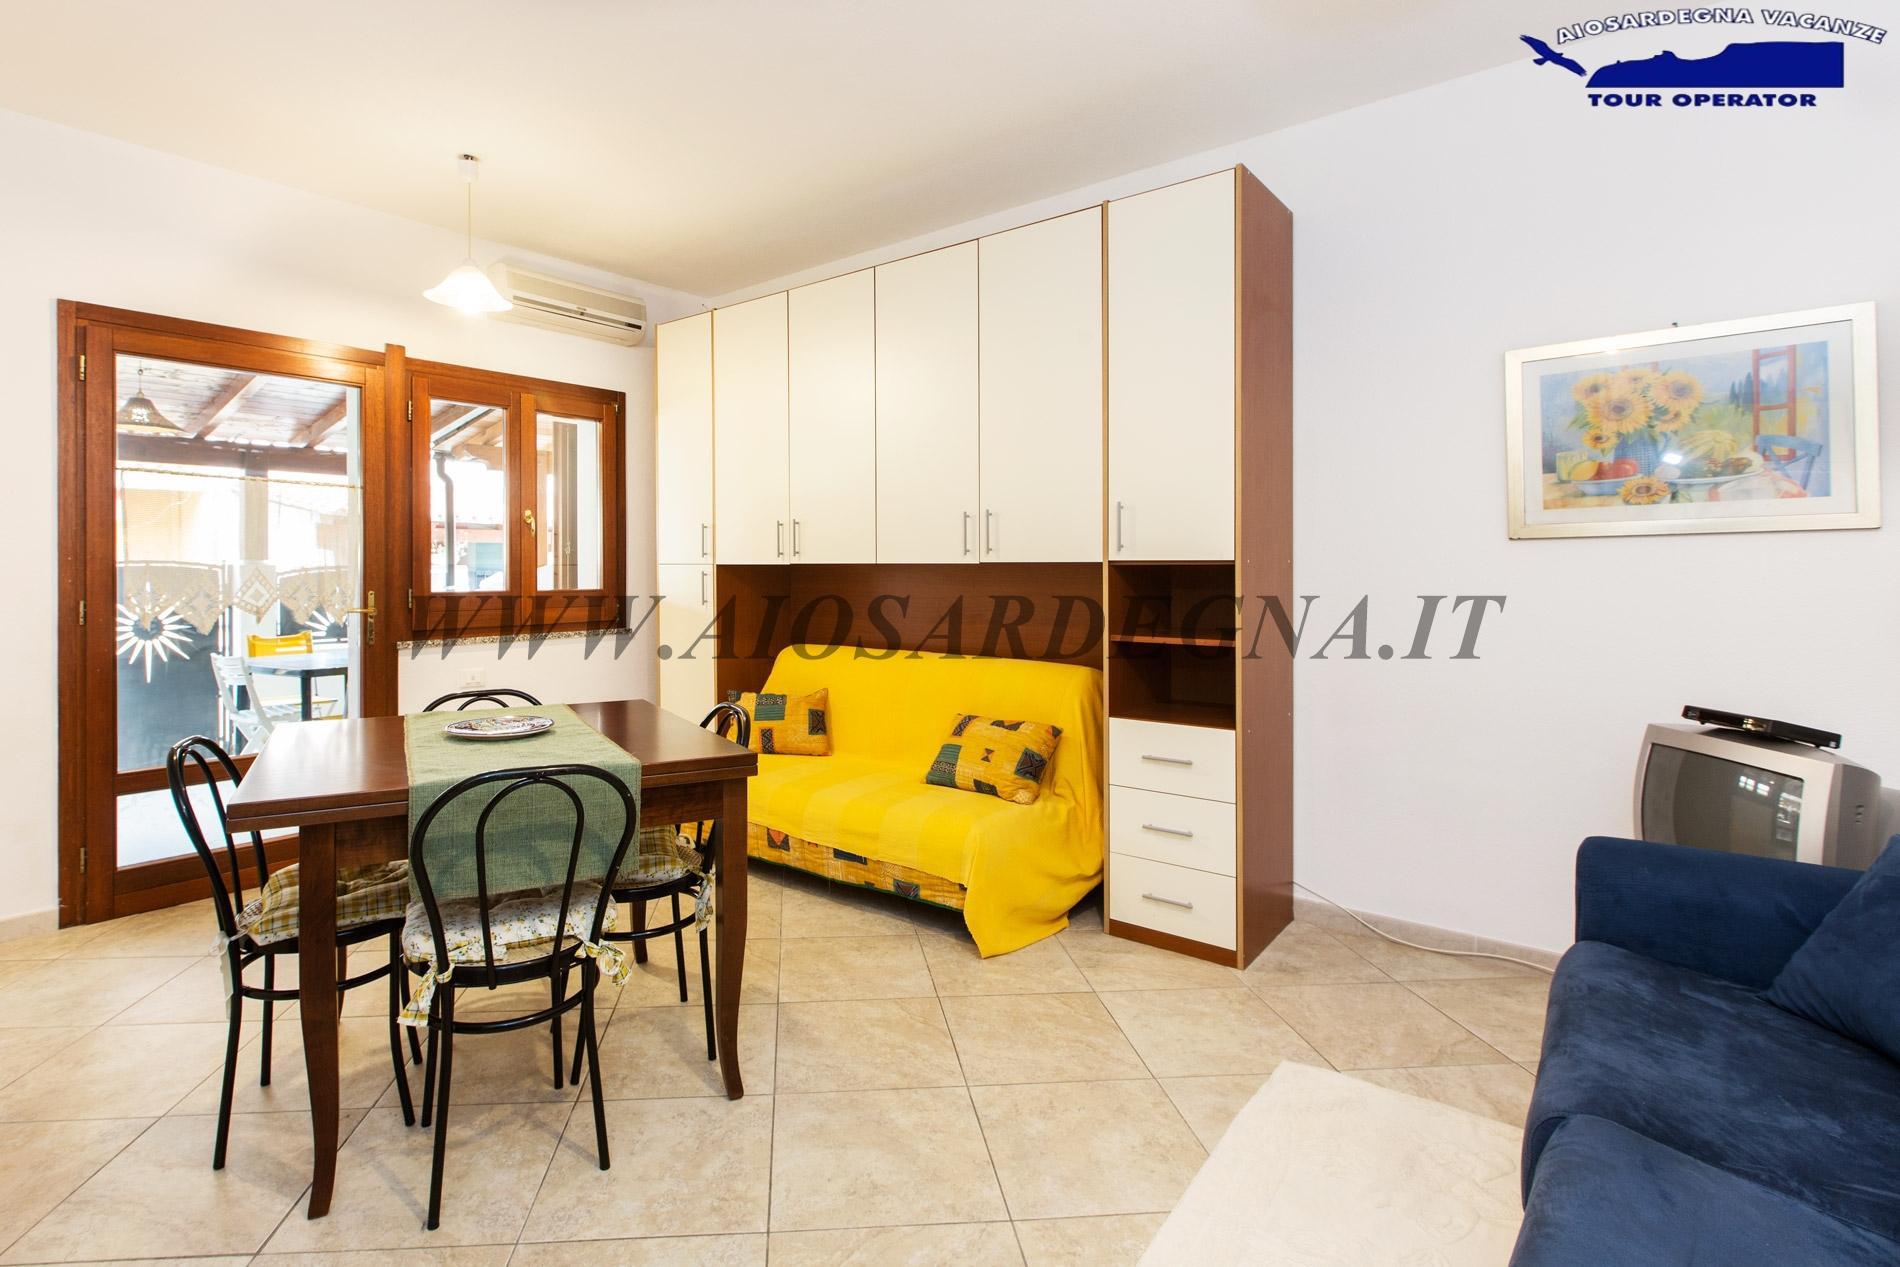 Однокомнатное Апартаменто Мулвони на Первом Етаже в Пуле, Сардиния